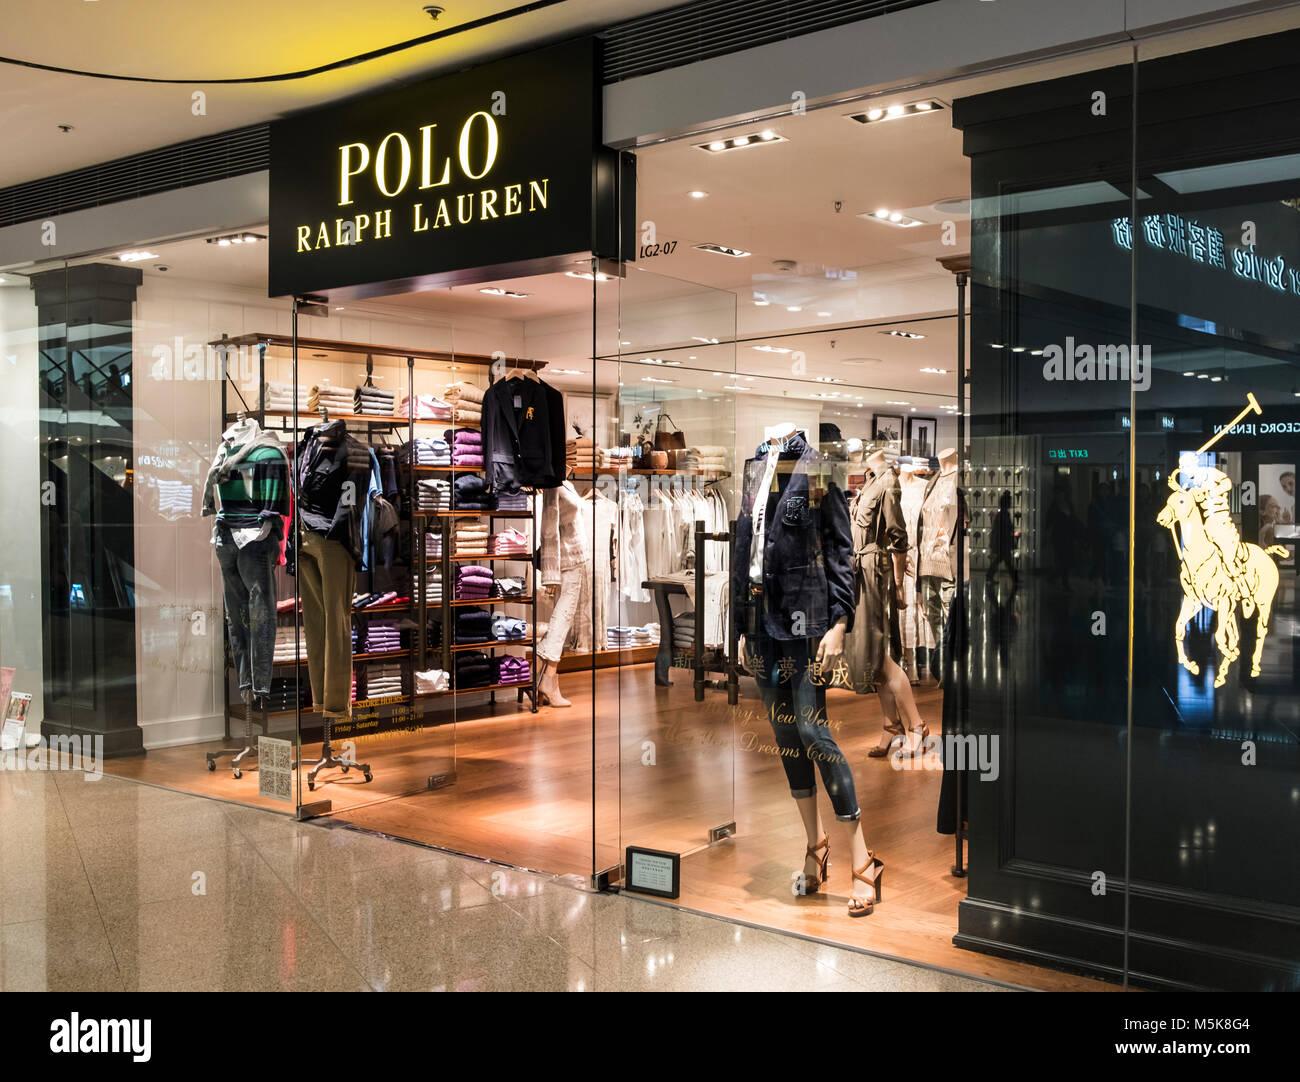 3b02ca1cd6 Ralph Lauren Store Interior Stock Photos   Ralph Lauren Store ...